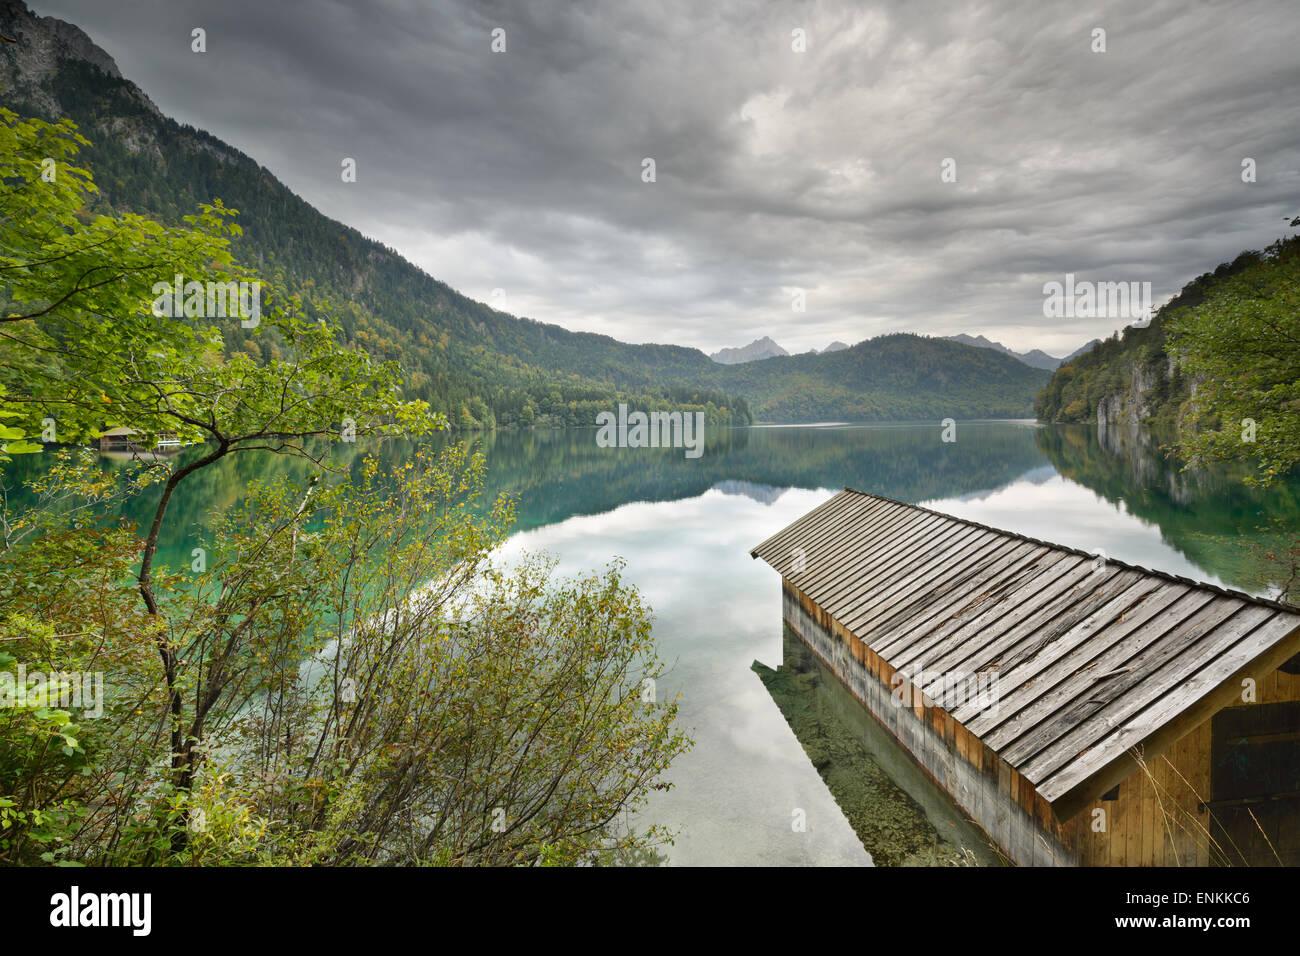 Il lago Alpsee nelle alpi bavaresi della Germania. Immagini Stock